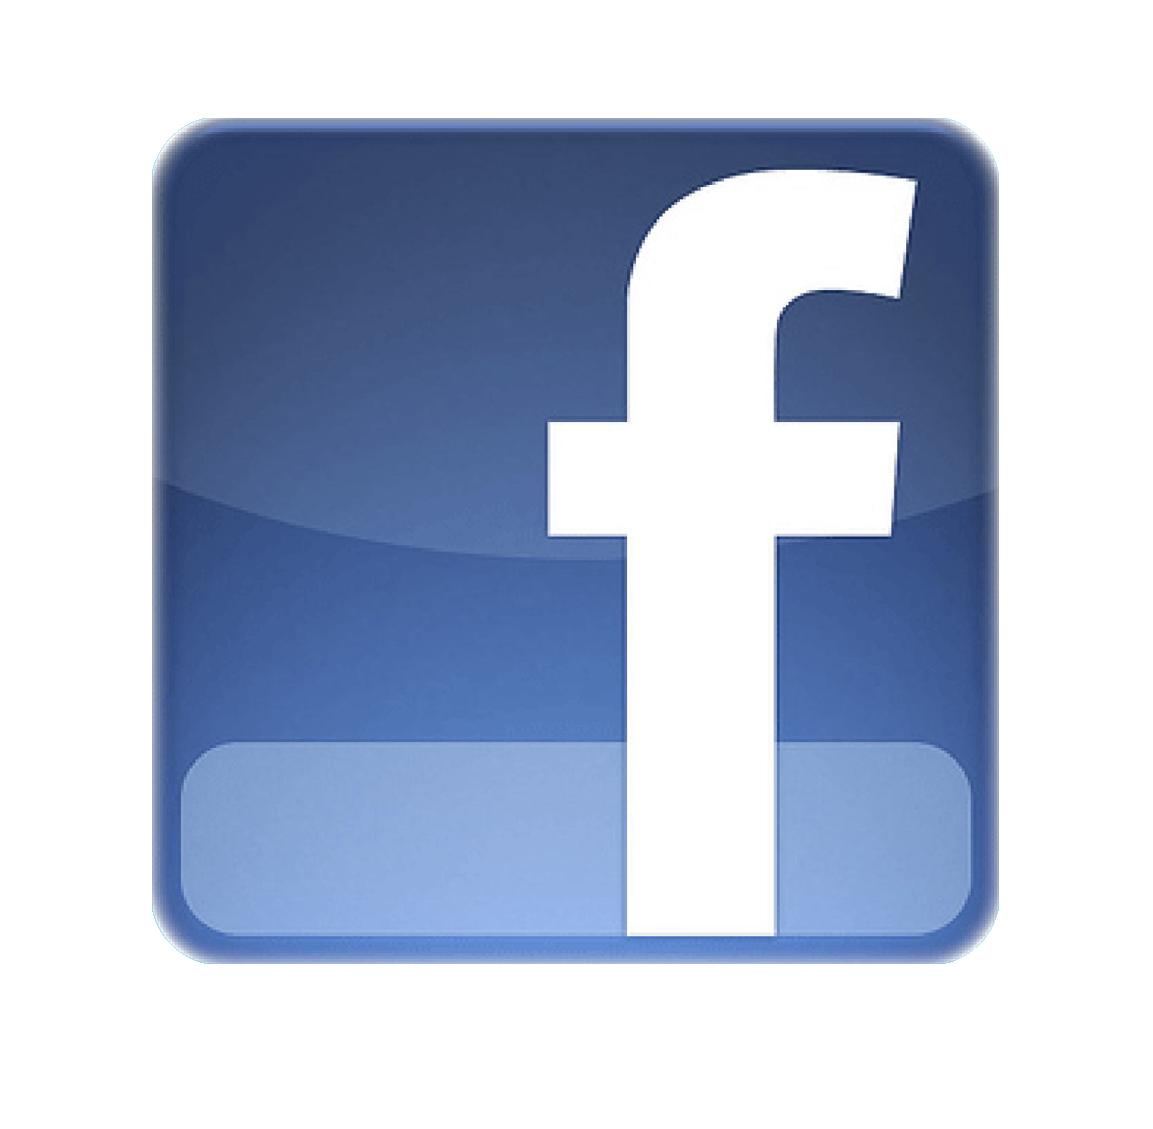 Facebook's Old Logo